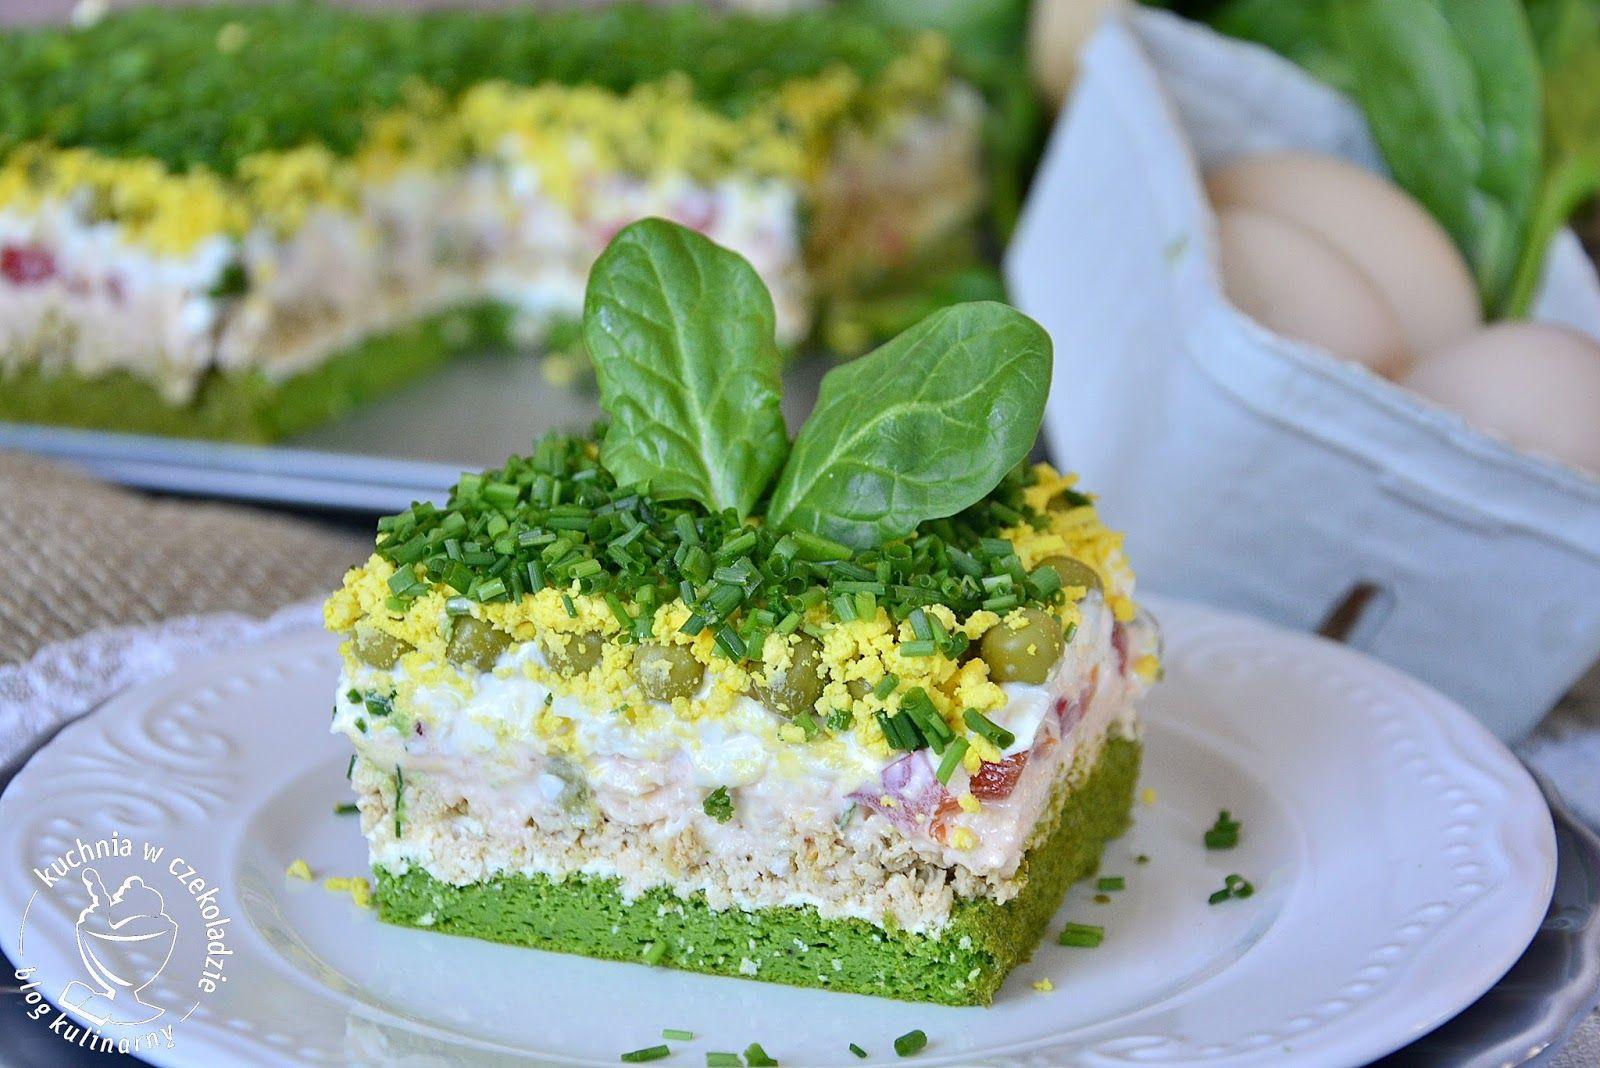 Salatka Tortowa Tort Salatkowy Z Kurczakiem Na Szpinakowym Biszkopcie Z Jajkami Ze Szczypiorkiem Wiosenna Salatka Salatka Na Food Food And Drink Salads